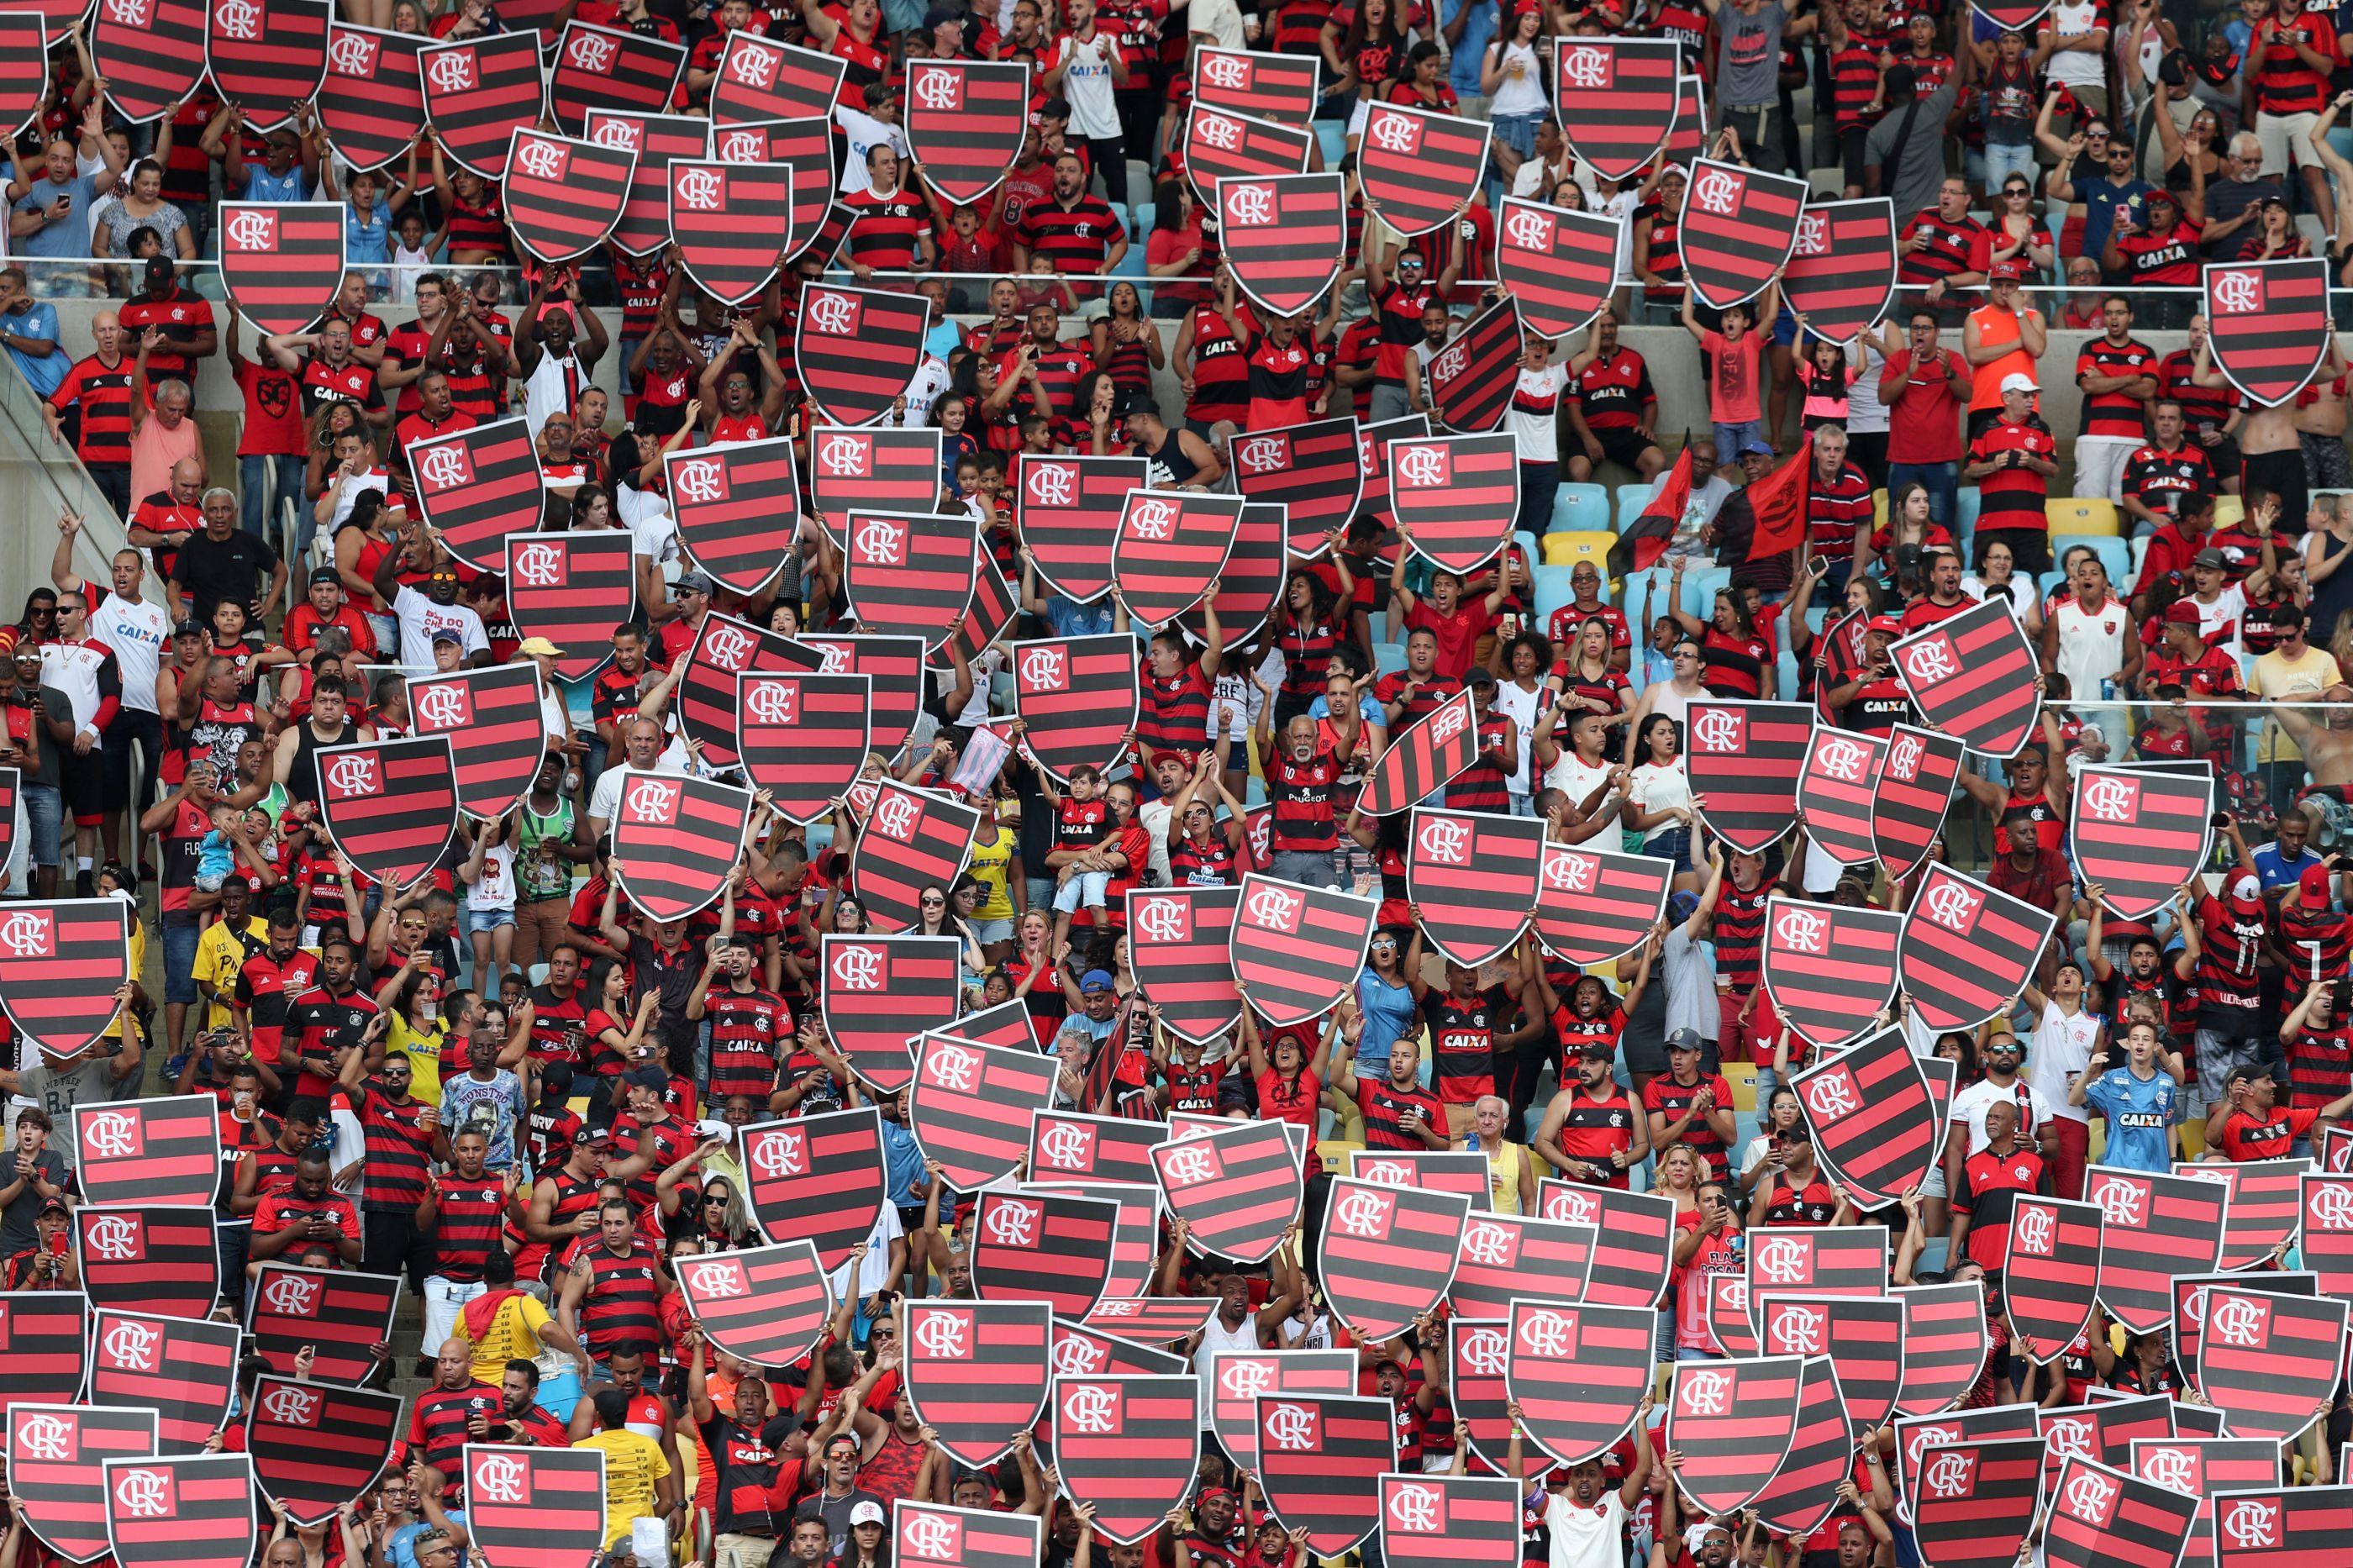 Incêndio em centro de treinos do Flamengo faz dez mortos